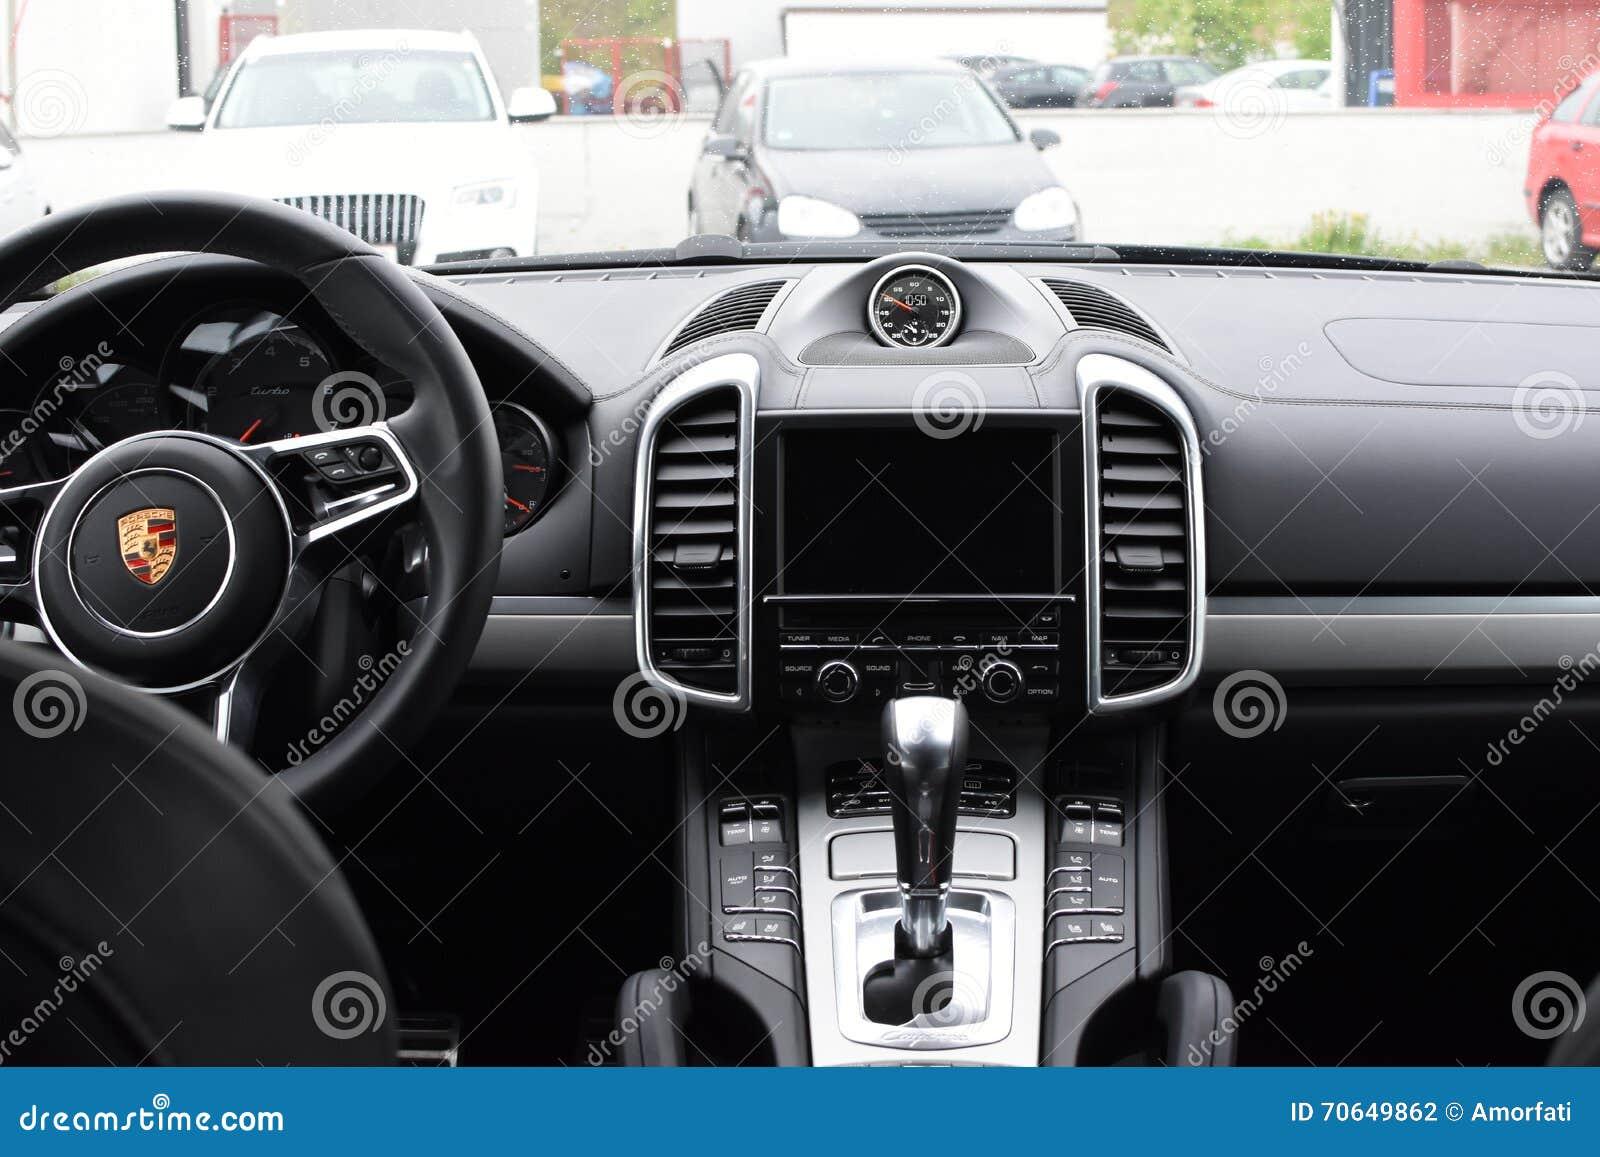 april 2016 interior of a 2016 porsche cayenne turbo - 2016 Porsche Cayenne Interior